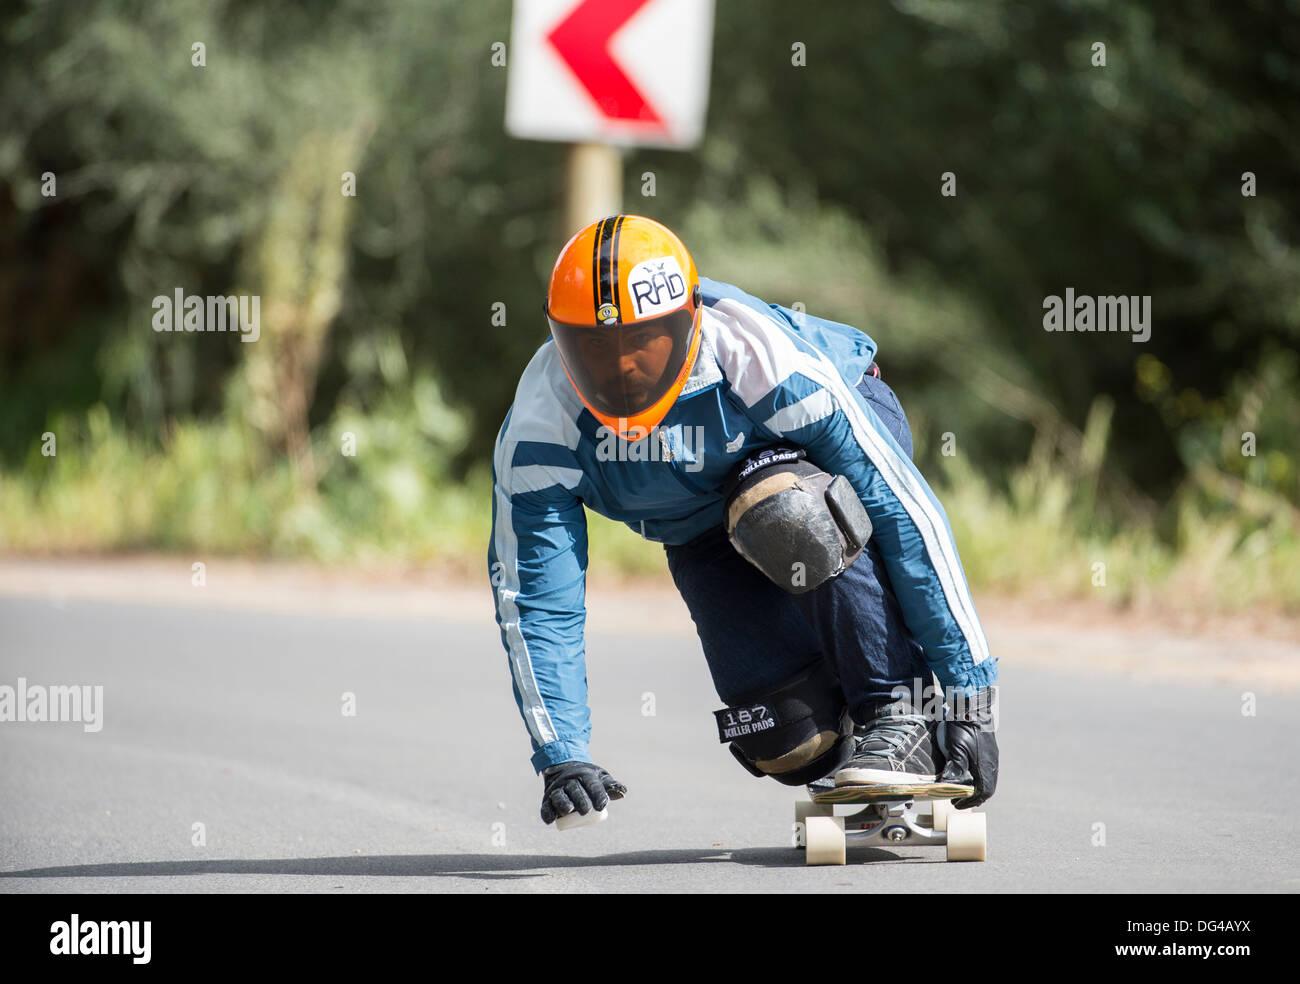 Skateboard longboard uomo training su strada pubblica, in discesa Immagini Stock